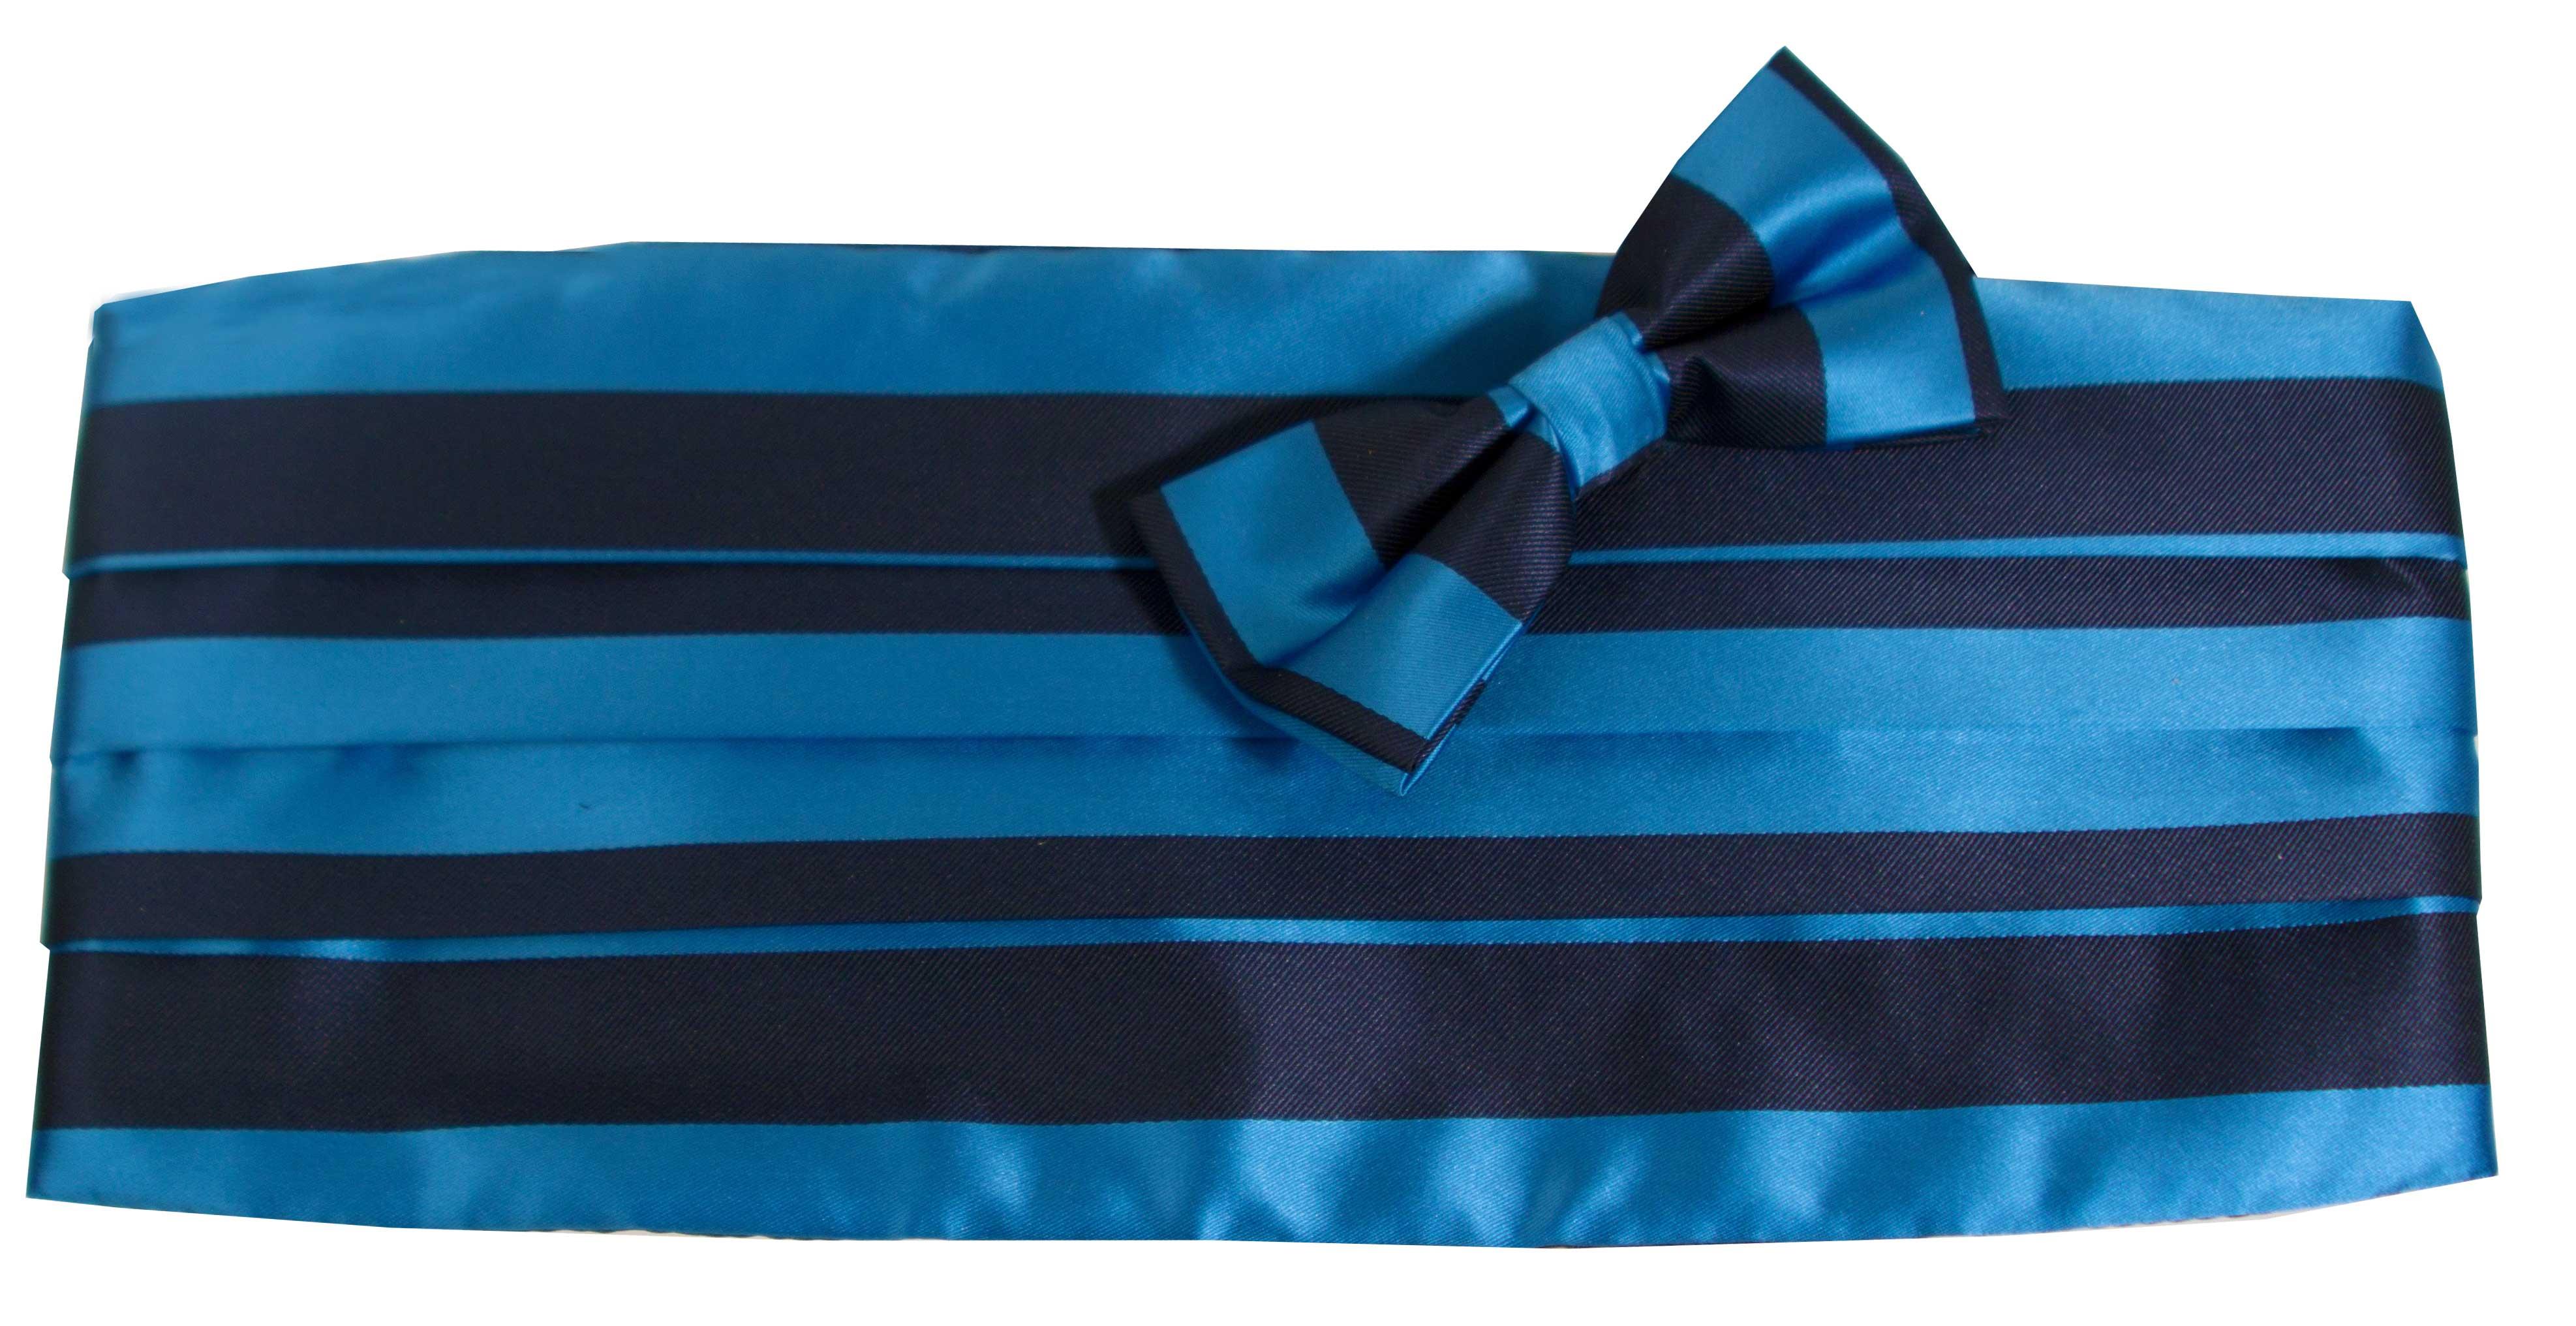 Gördel (blå och mörkblå)